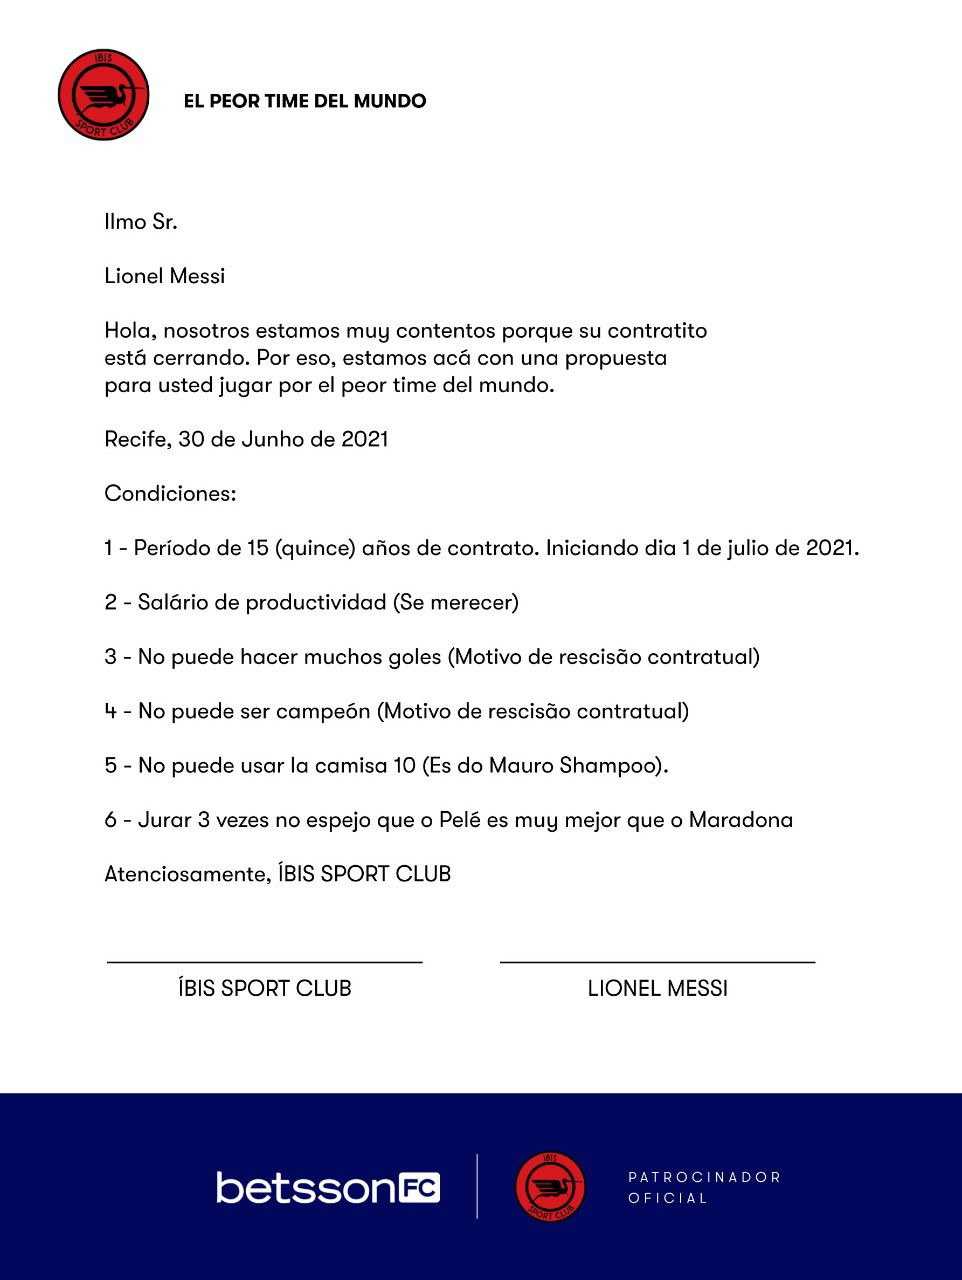 """L'Ibis, squadra brasiliana famosa per essere la """"peggiore squadra del mondo"""", offre particolari clausole: non troppi gol, niente trofei e la promessa di ripetere che Pelé è più forte di Maradona"""